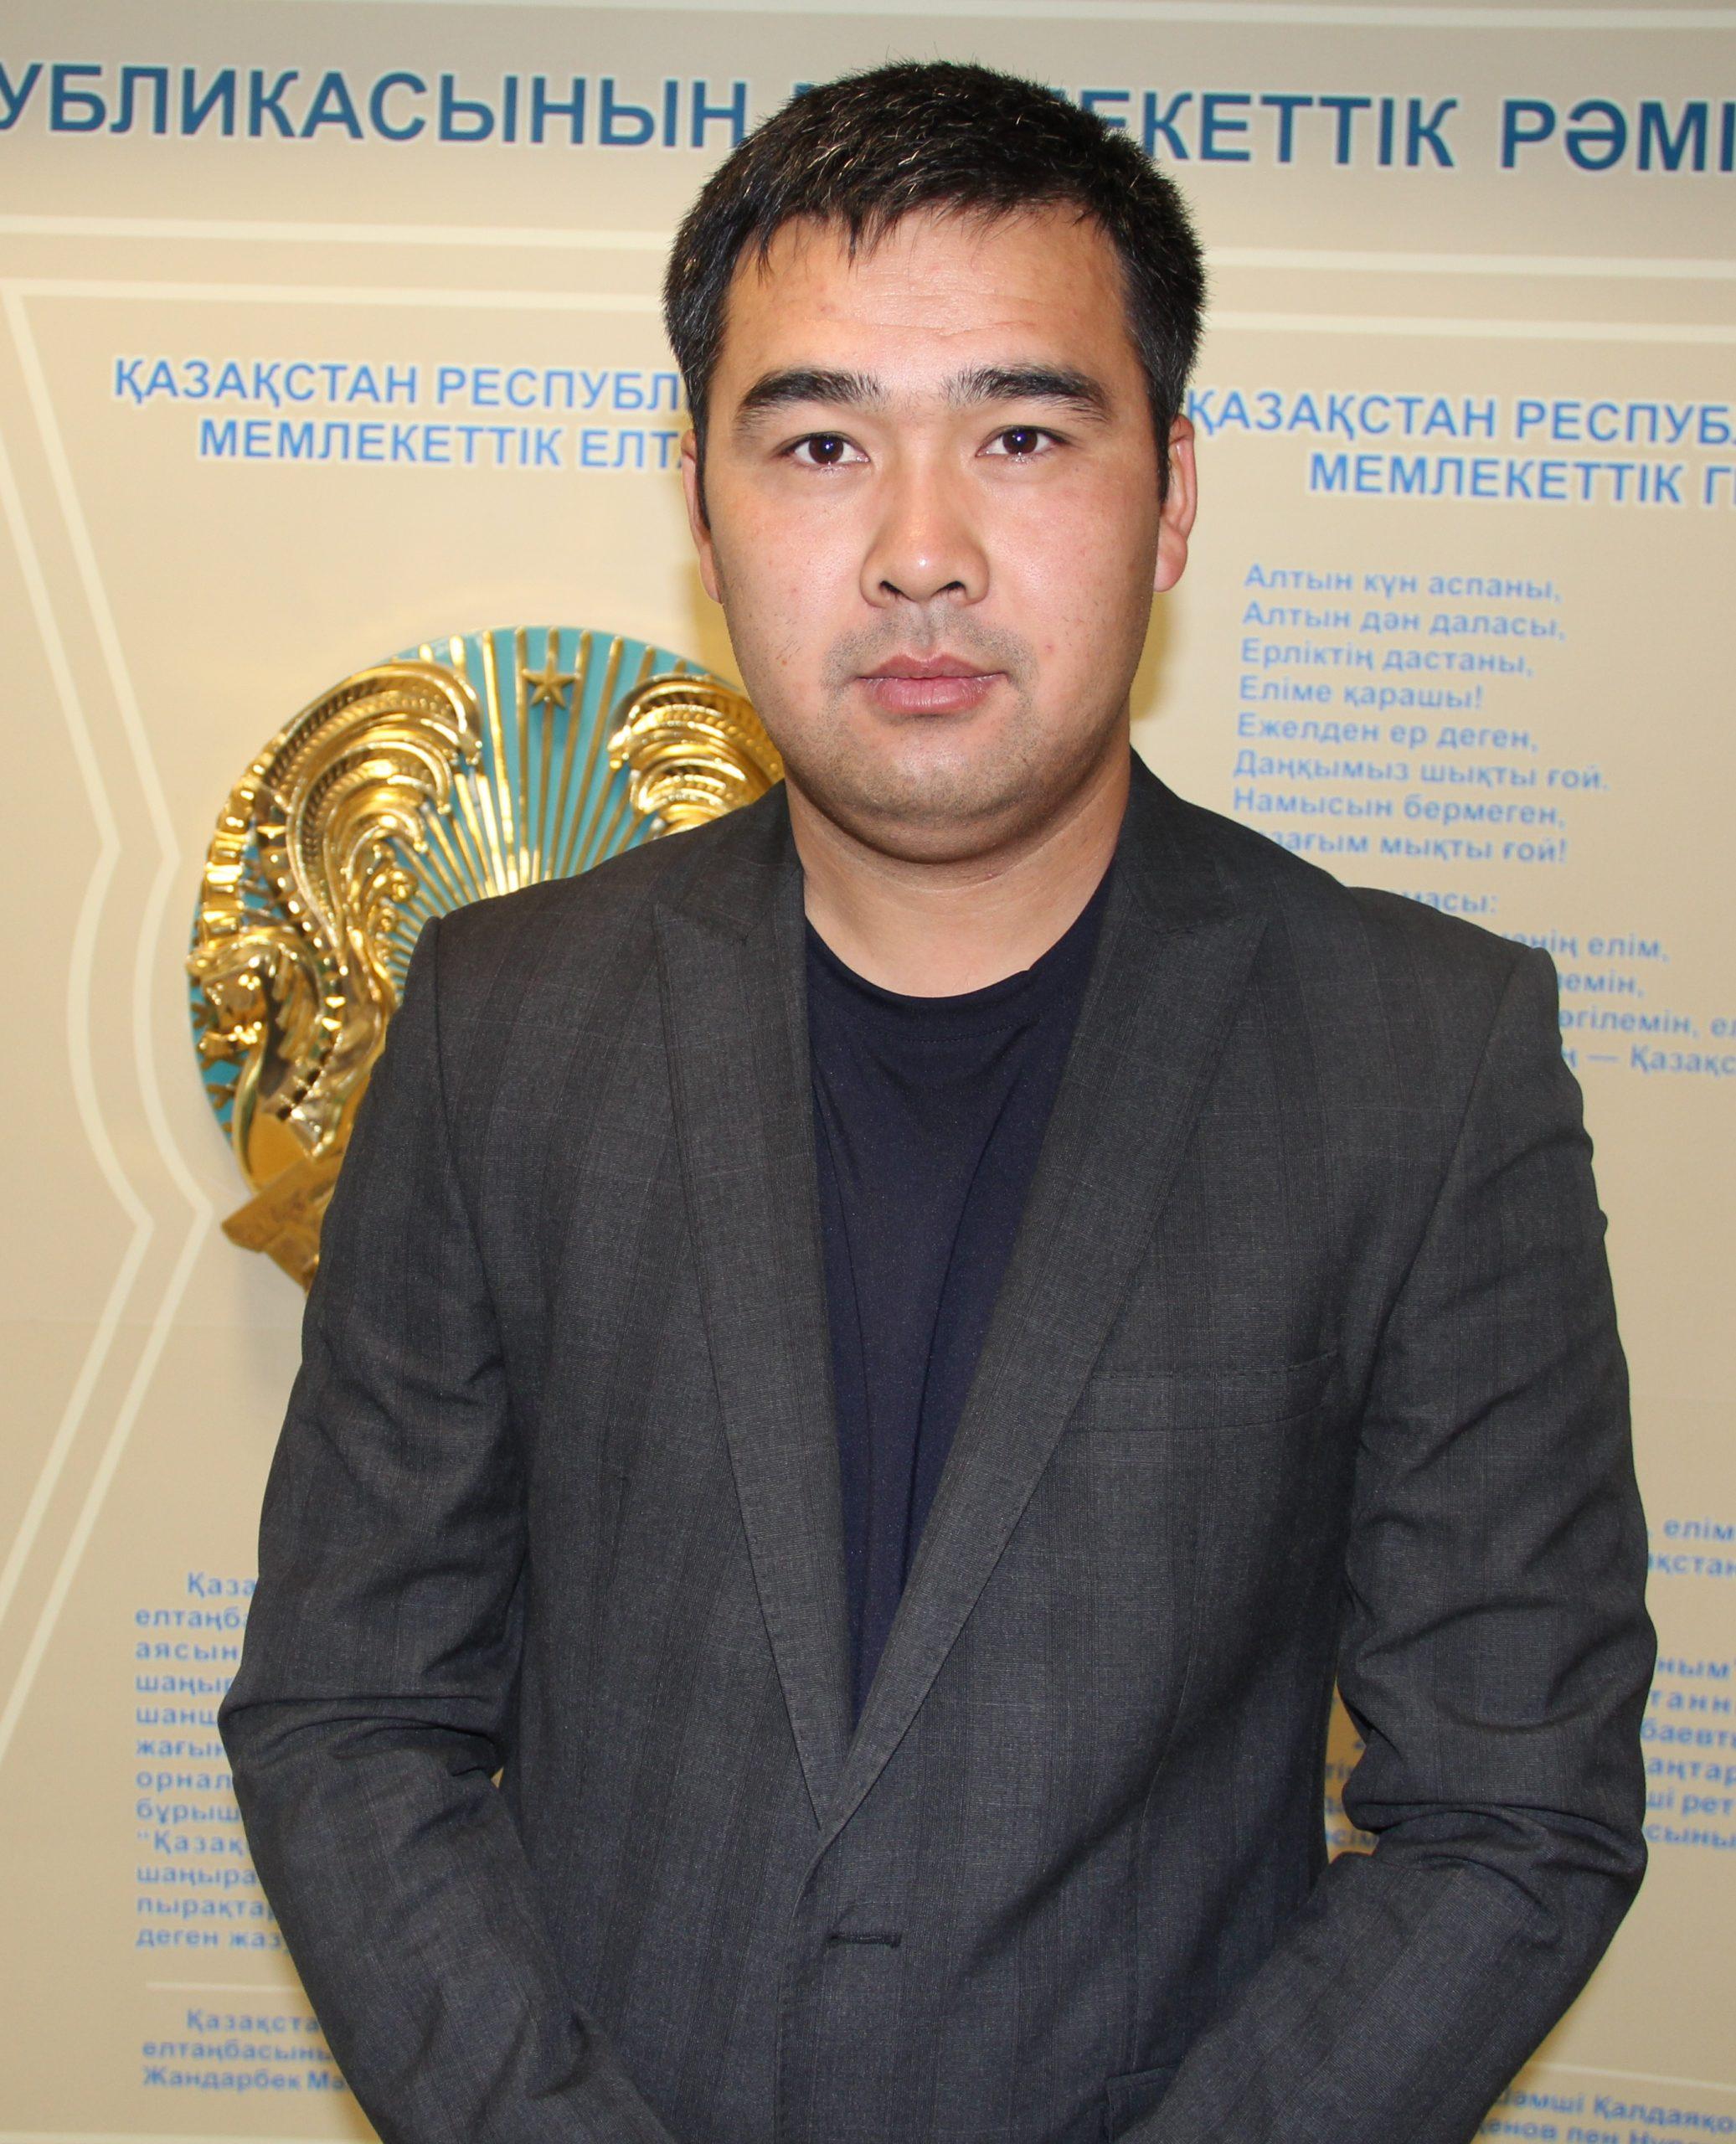 Жетписбаев Алмат Кайракбайулы